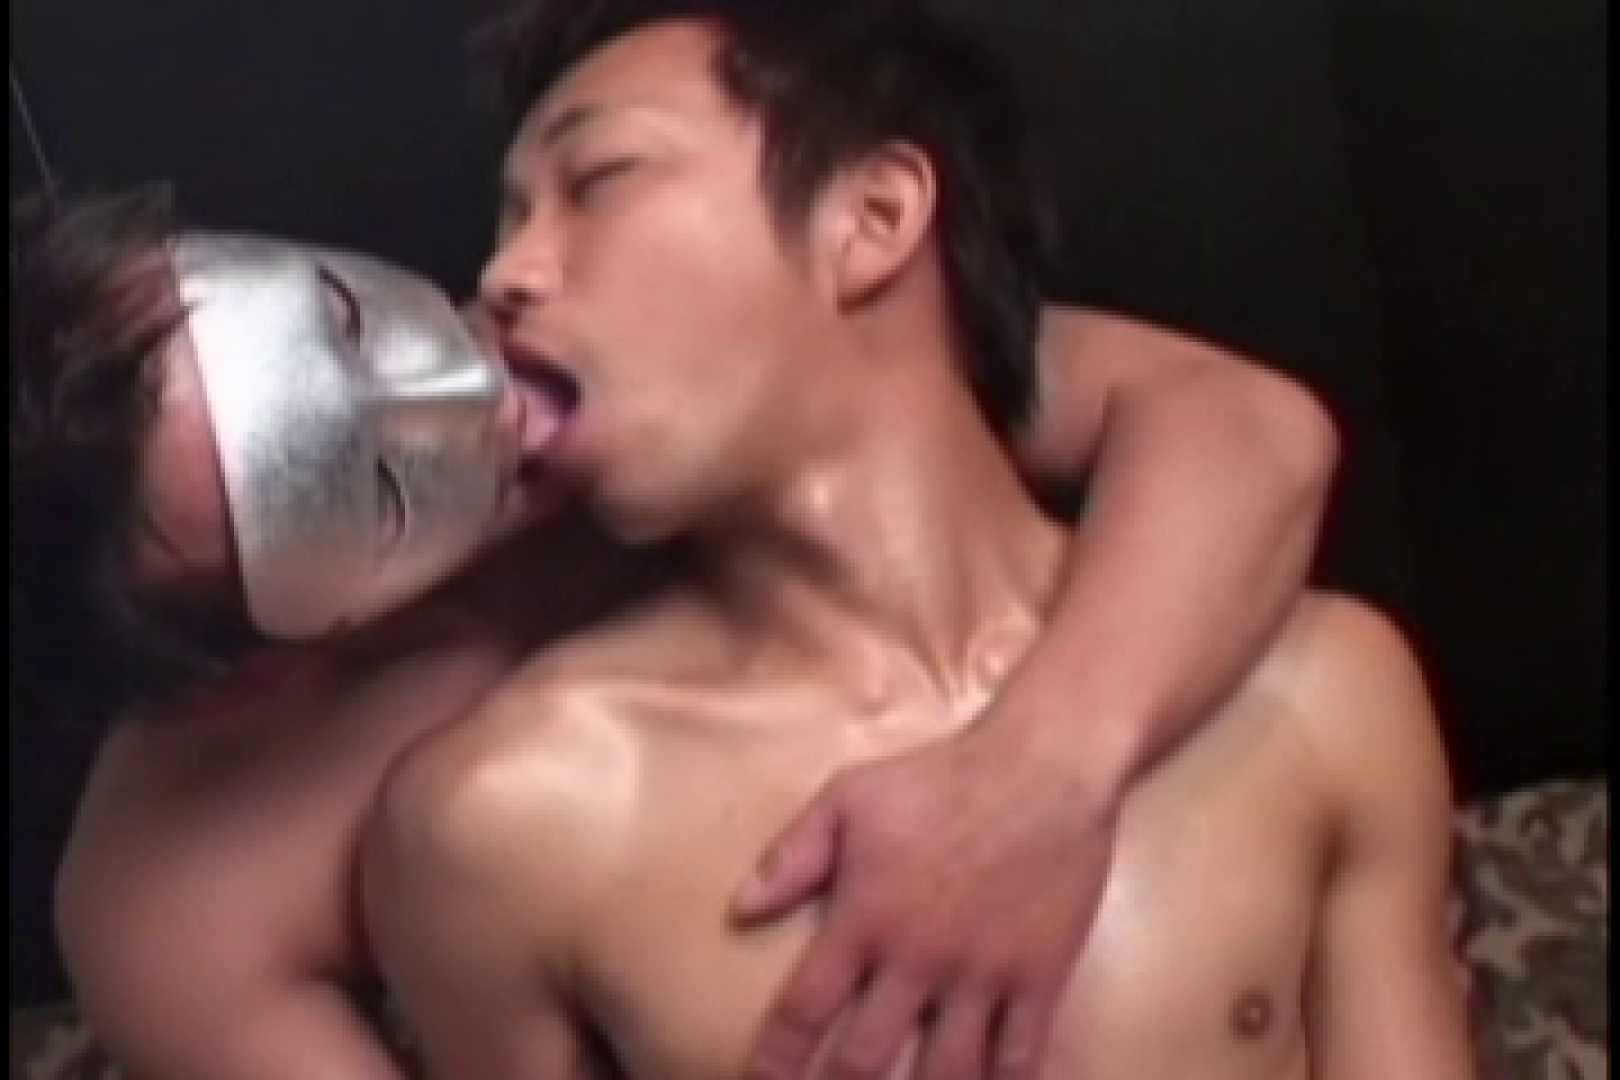 スポメン鍛え上げられた肉体と反り返るモッコリ!!03 スジ筋系メンズ ゲイ流出動画キャプチャ 14画像 6